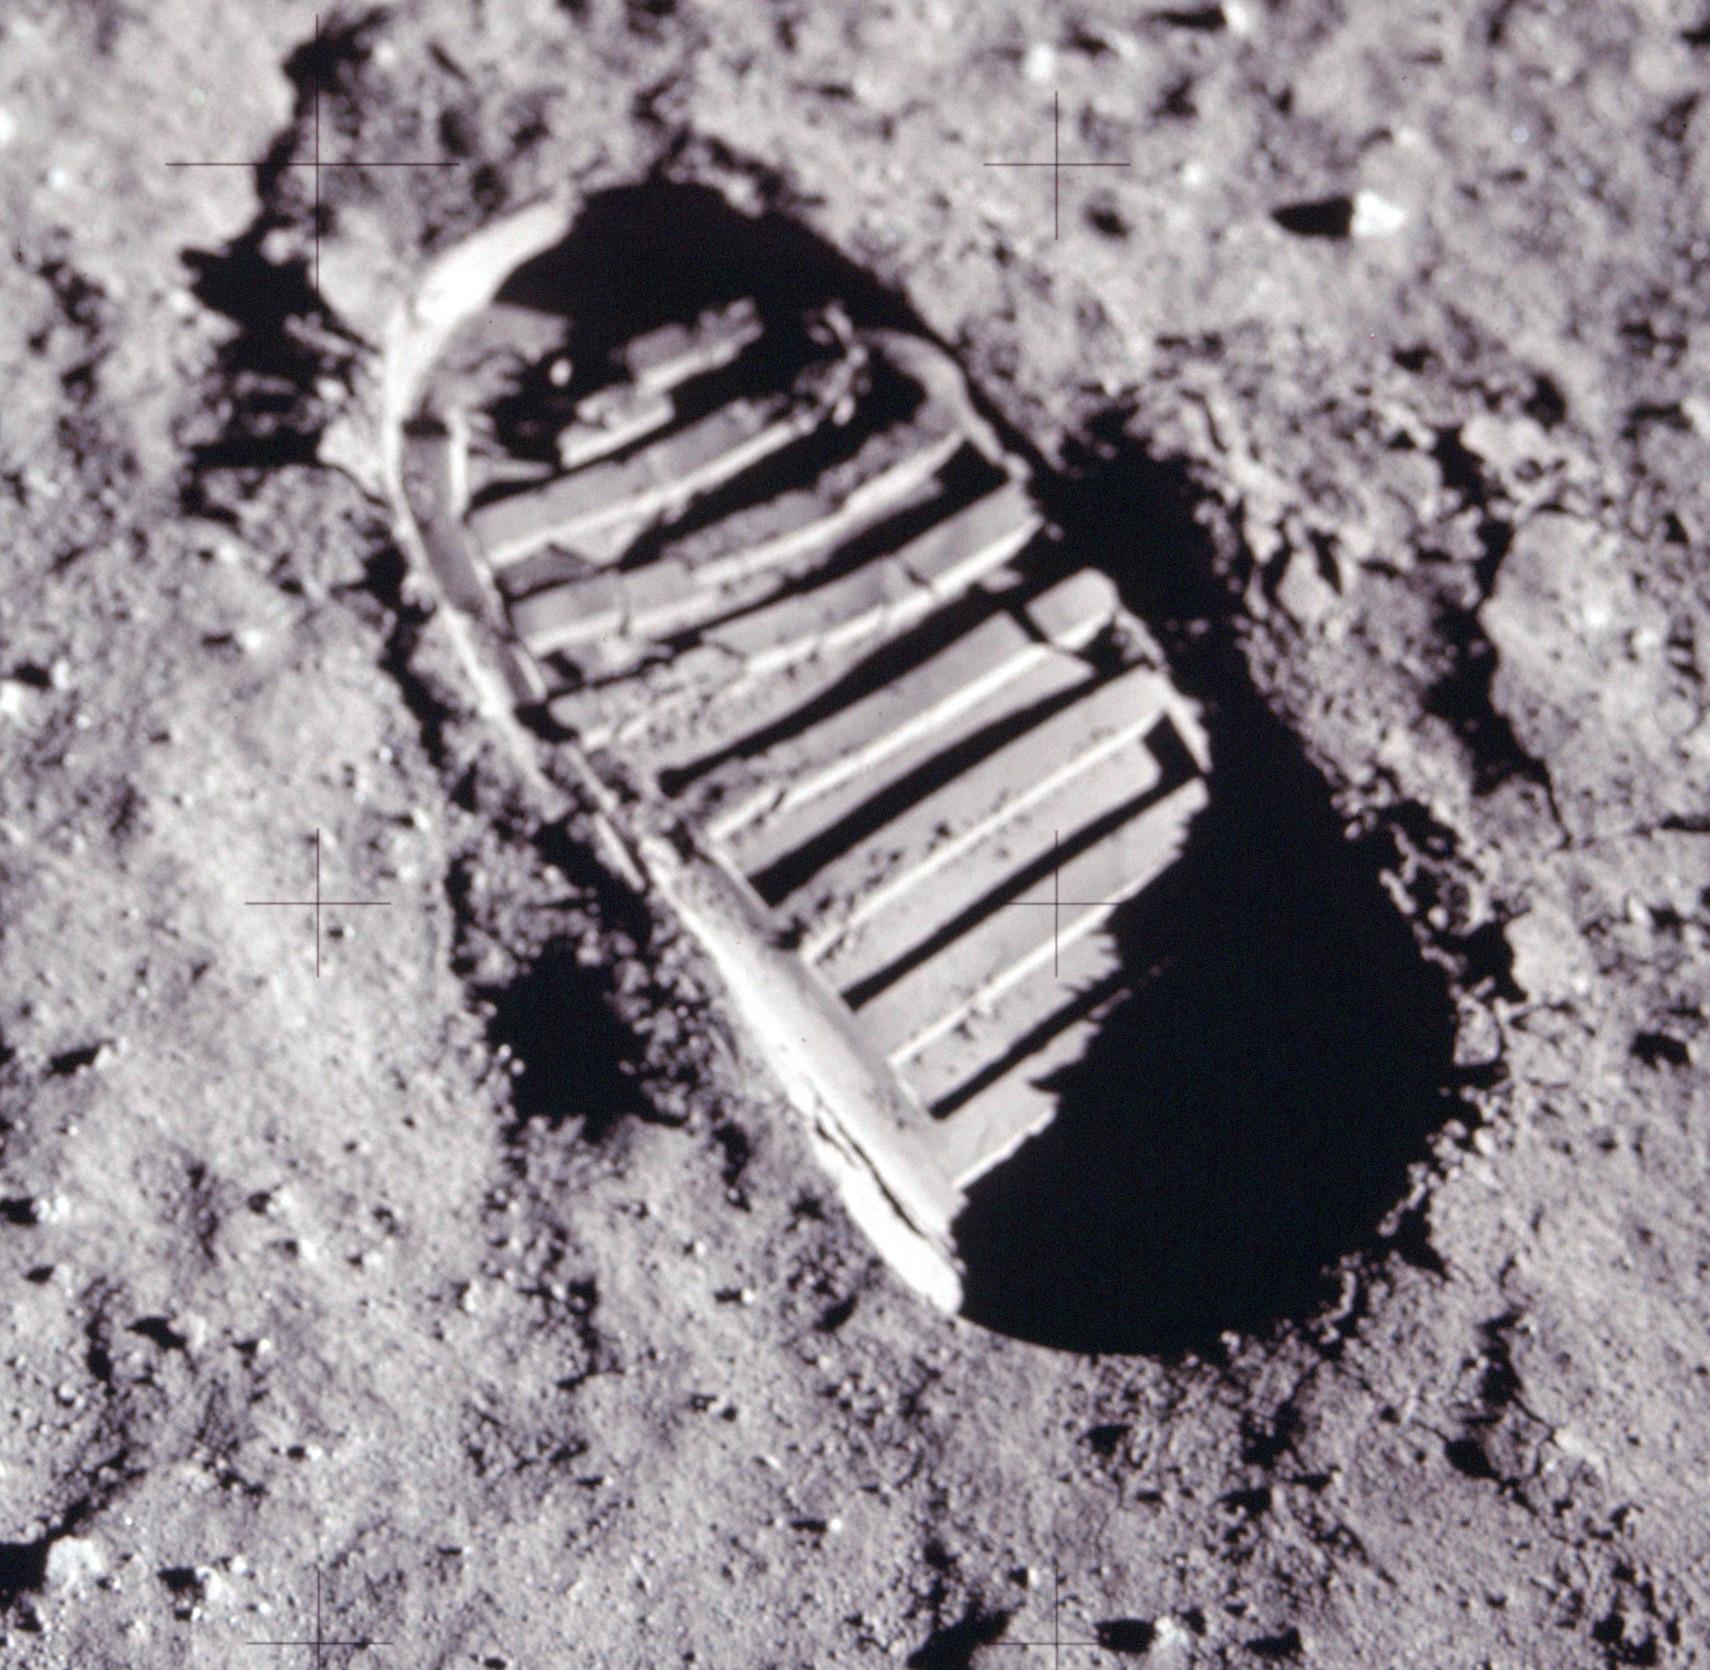 Lippuja ja jalanjälkiä ei voi nähdä Maasta käsin kaukoputkella jo pelkästään ilmakehän häiriöiden estäessä niin pienten kohteiden näkymisen Kuusta saakka. Niinpä saamme ihailla tätä Aldrinin jättämää kuukengän jälkeä ainoastaan valokuvassa. Kuva: Nasa / Apollo 11 / AS11-40-5878.